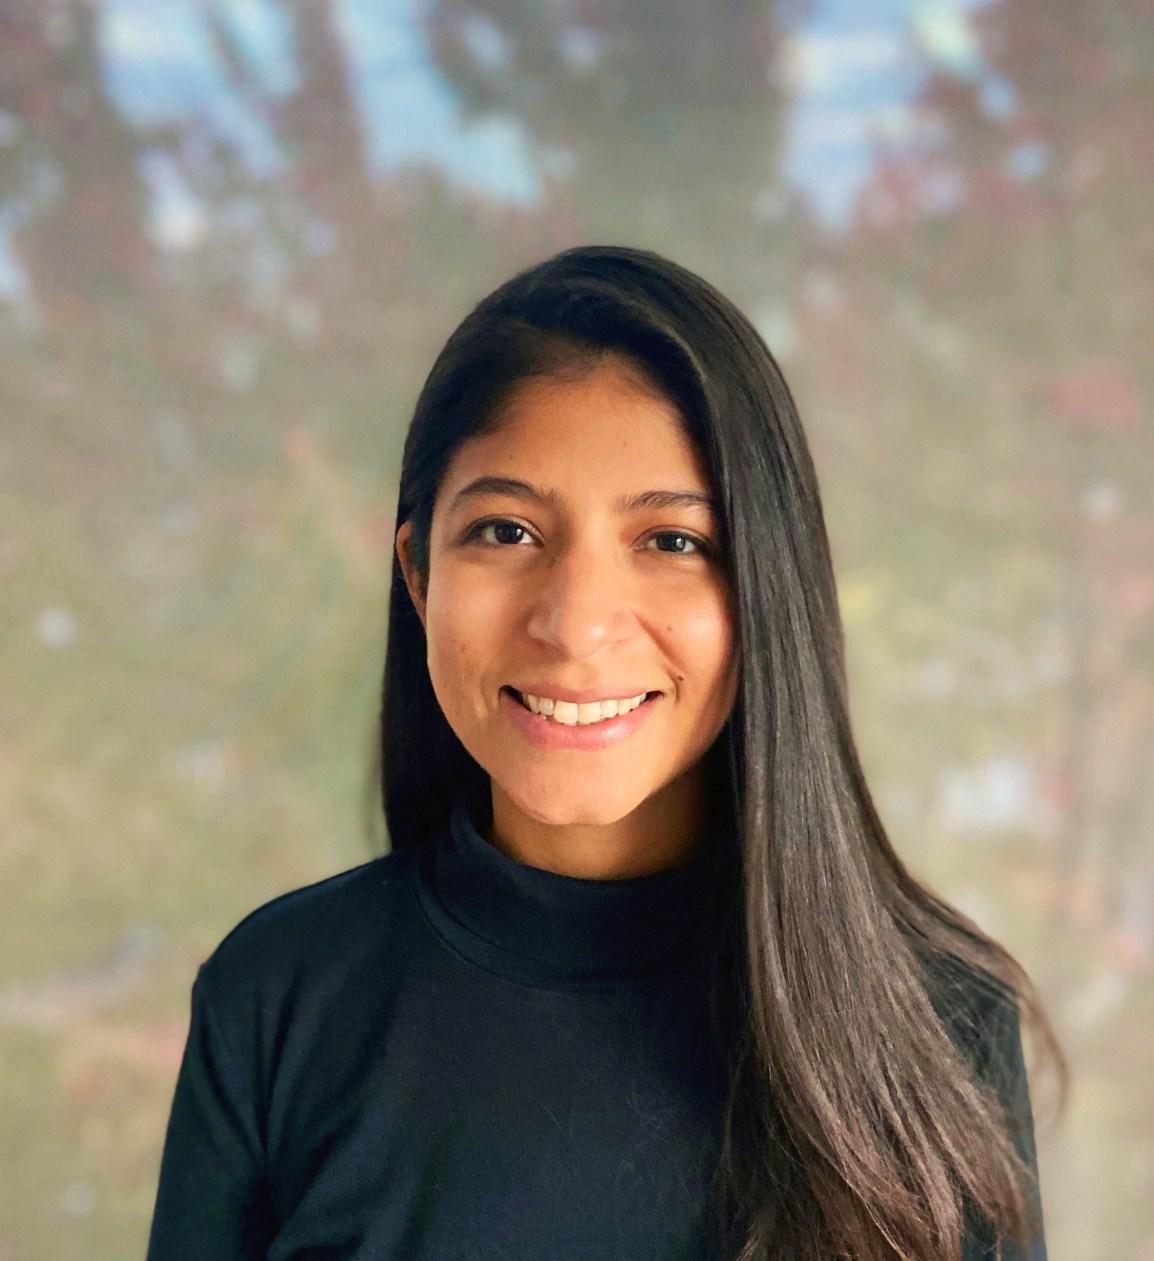 Vanessa Reggio